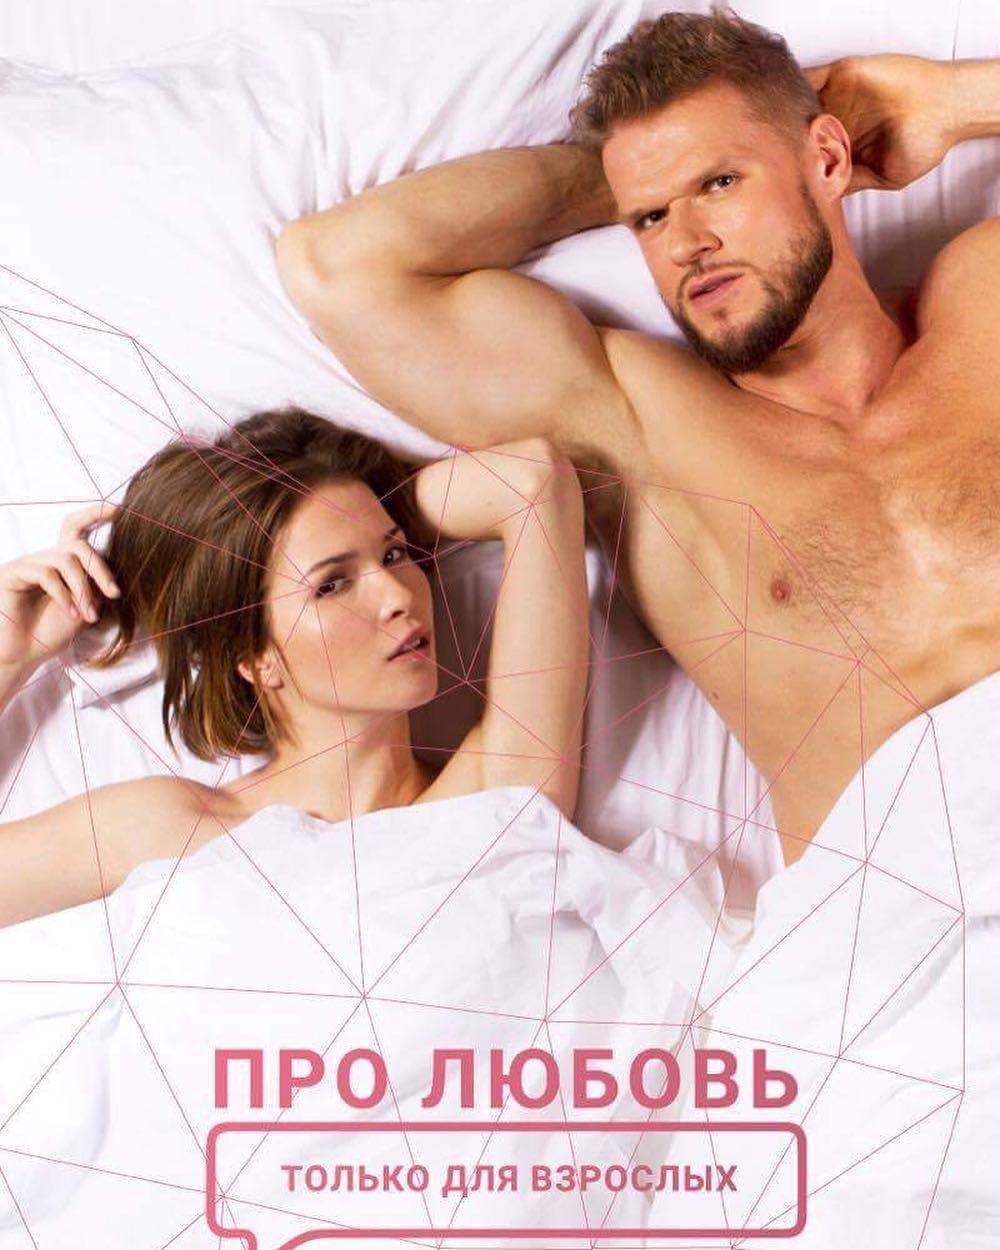 Лукерья Ильяшенко: Хо-хо! С 1 сентября в прокате #пролюбовь2     А самые избранные смогут увидеть фильм на закрытии Кинотавра 14 июня!!!@prolubov2017 @petta3399 @n.merkulova